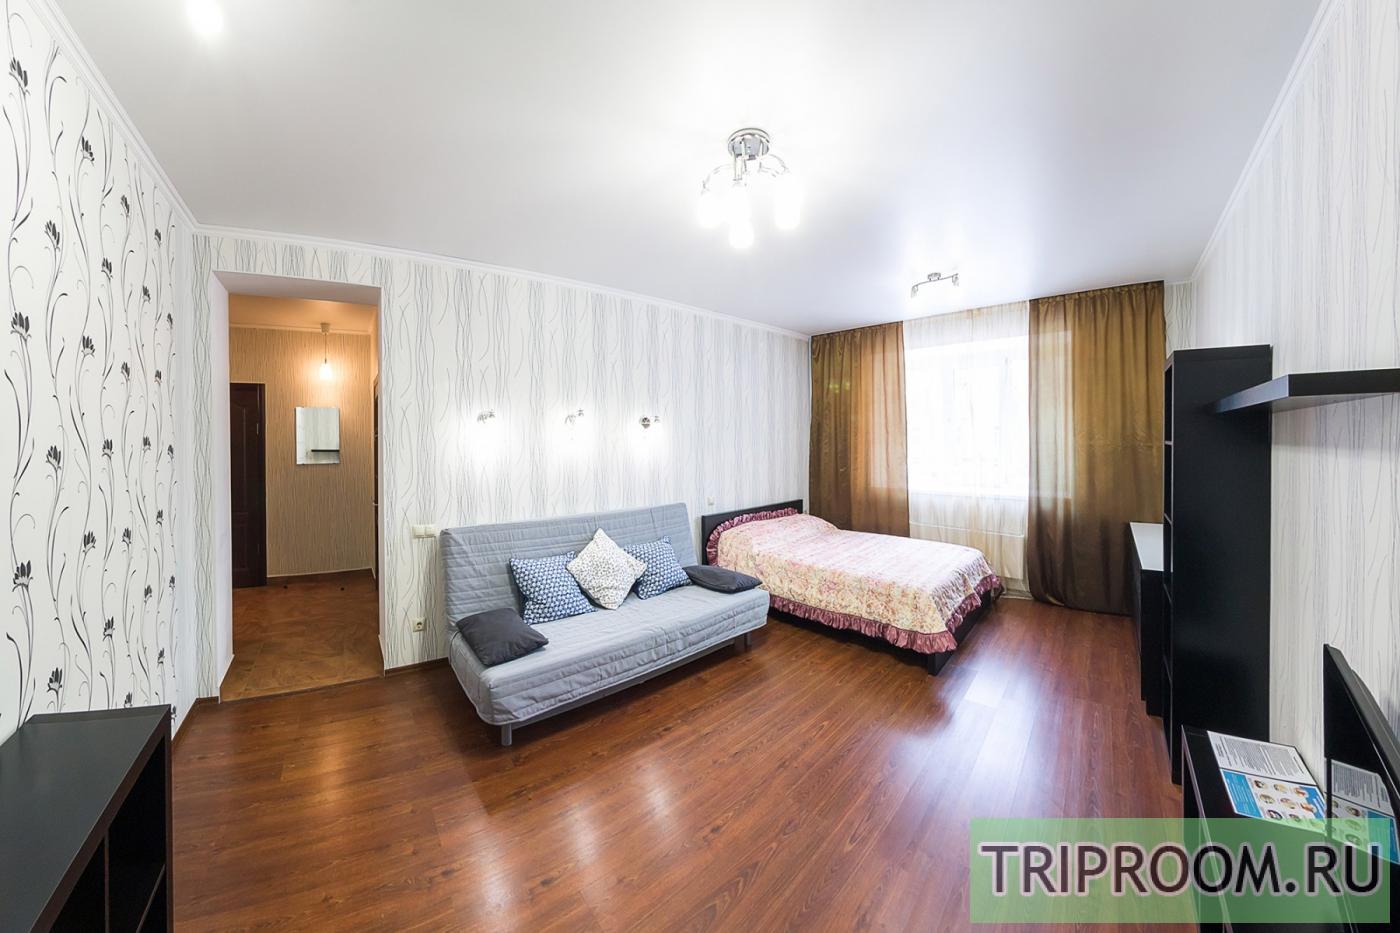 1-комнатная квартира посуточно (вариант № 33969), ул. Серафимовича улица, фото № 7